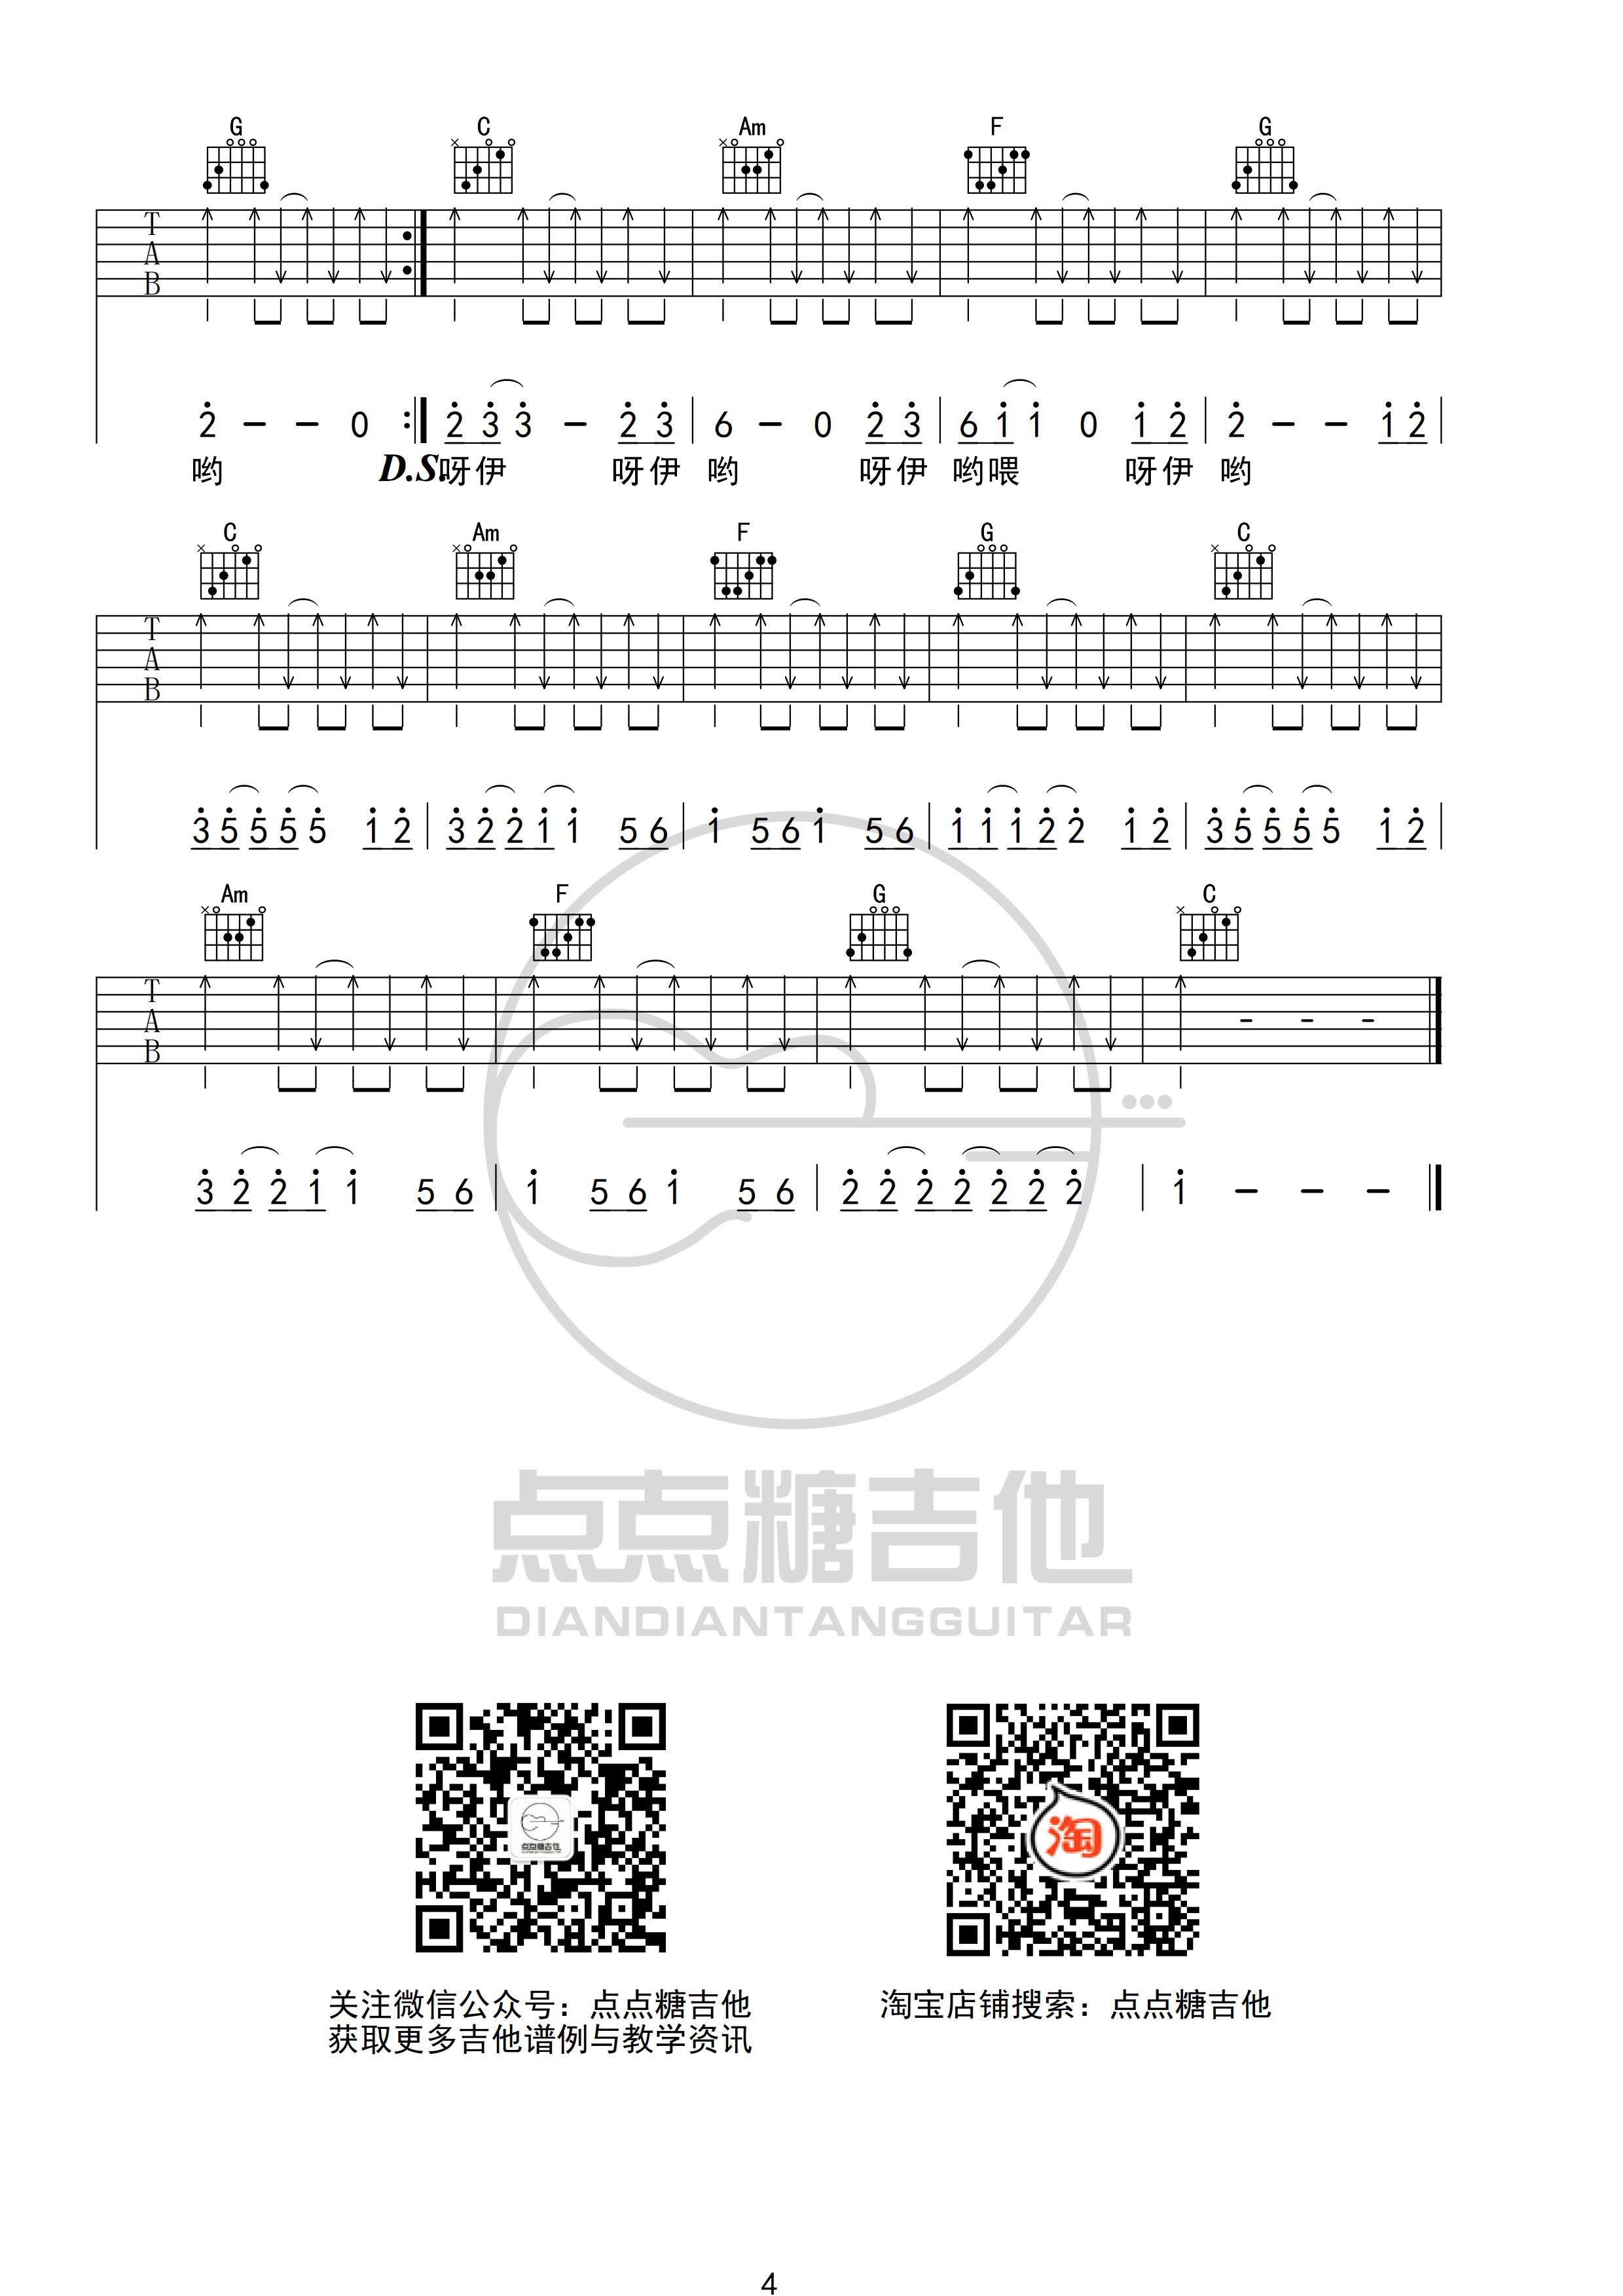 大田后生仔(丫蛋蛋 C调吉他弹唱谱)吉他谱(图片谱,C调,扫弦,丫蛋蛋)_林启得(林啟得)_大田后生仔4 300.jpg